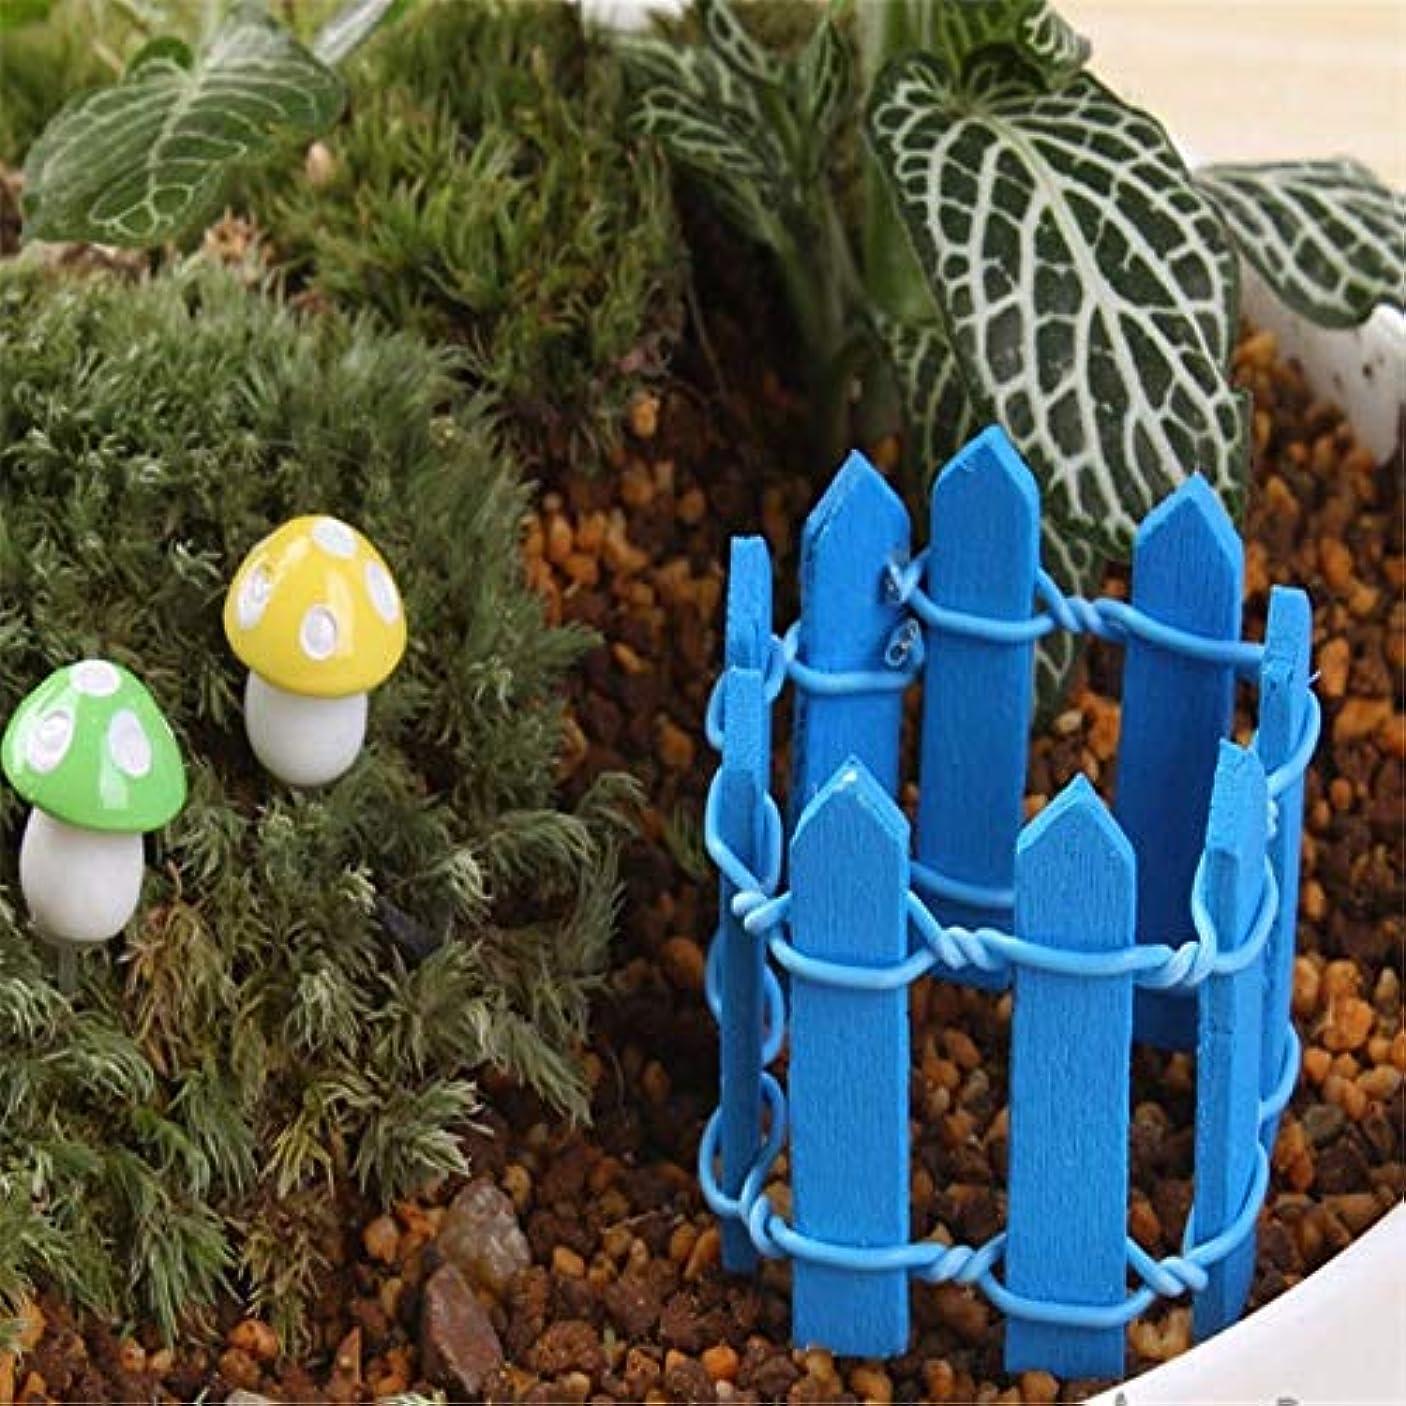 読書トーナメント指紋Jicorzo - 20個DIY木製の小さなフェンスモステラリウム植木鉢工芸ミニおもちゃフェアリーガーデンミニチュア[ディープブルー]